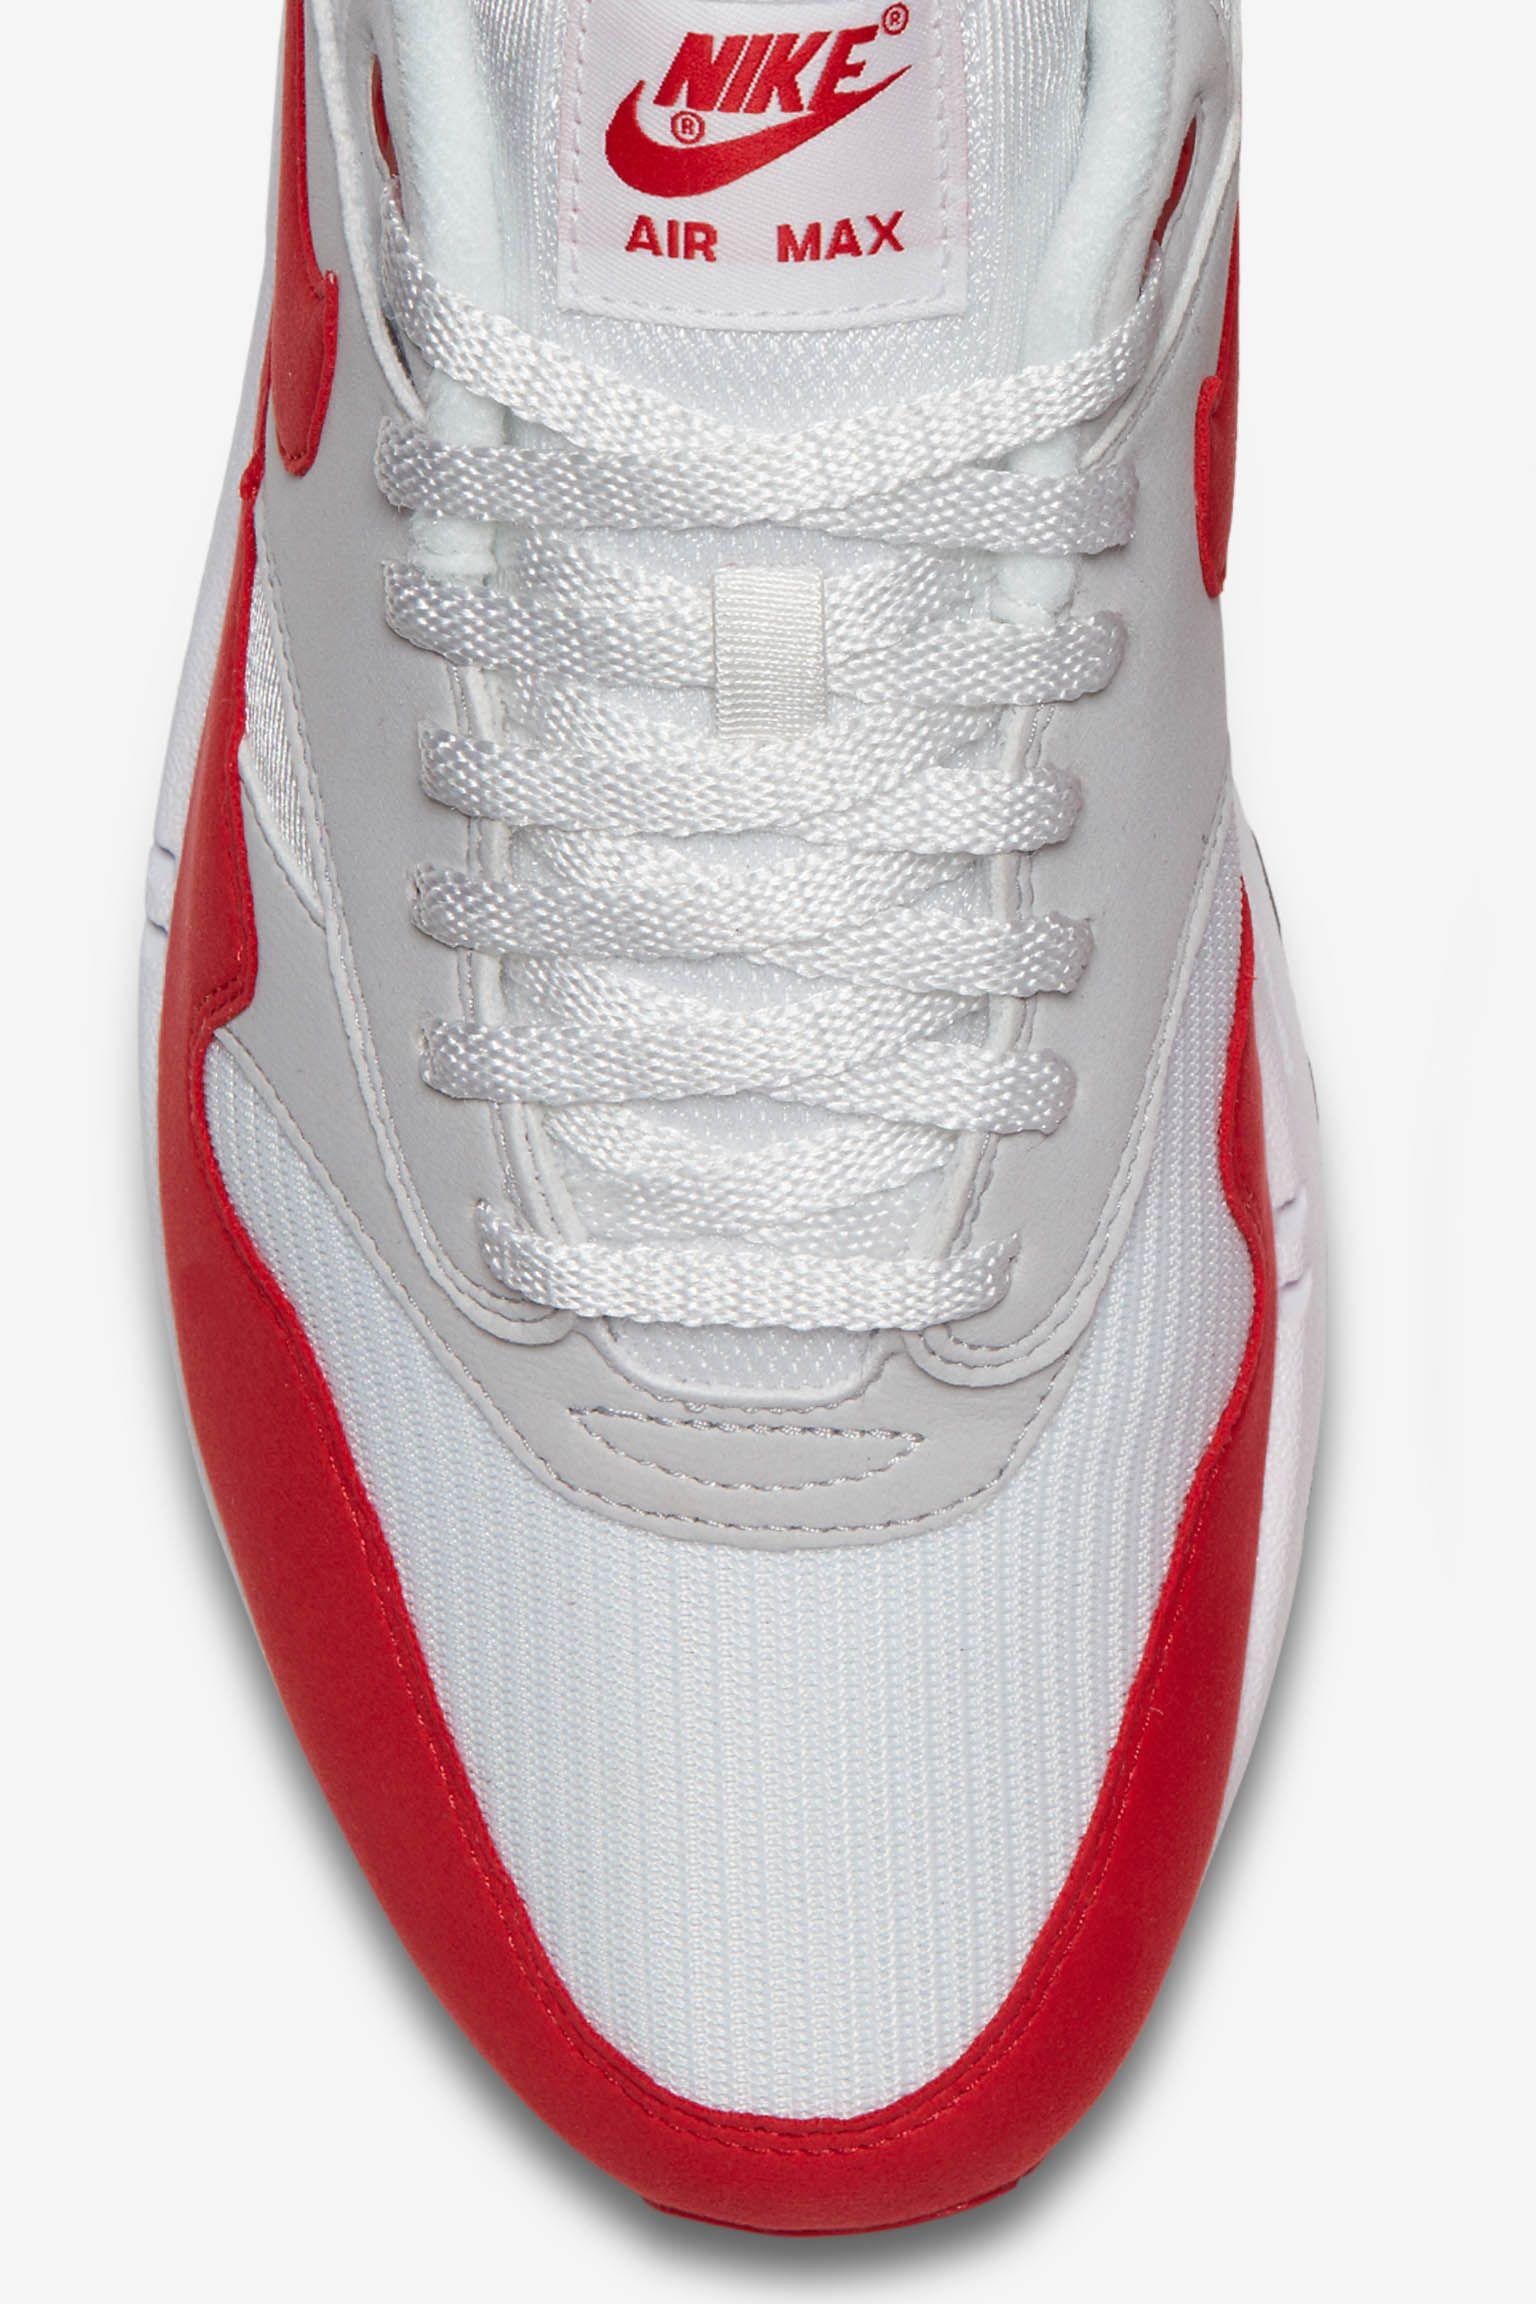 Nike Air Max 1 Anniversary 'White & University Red'